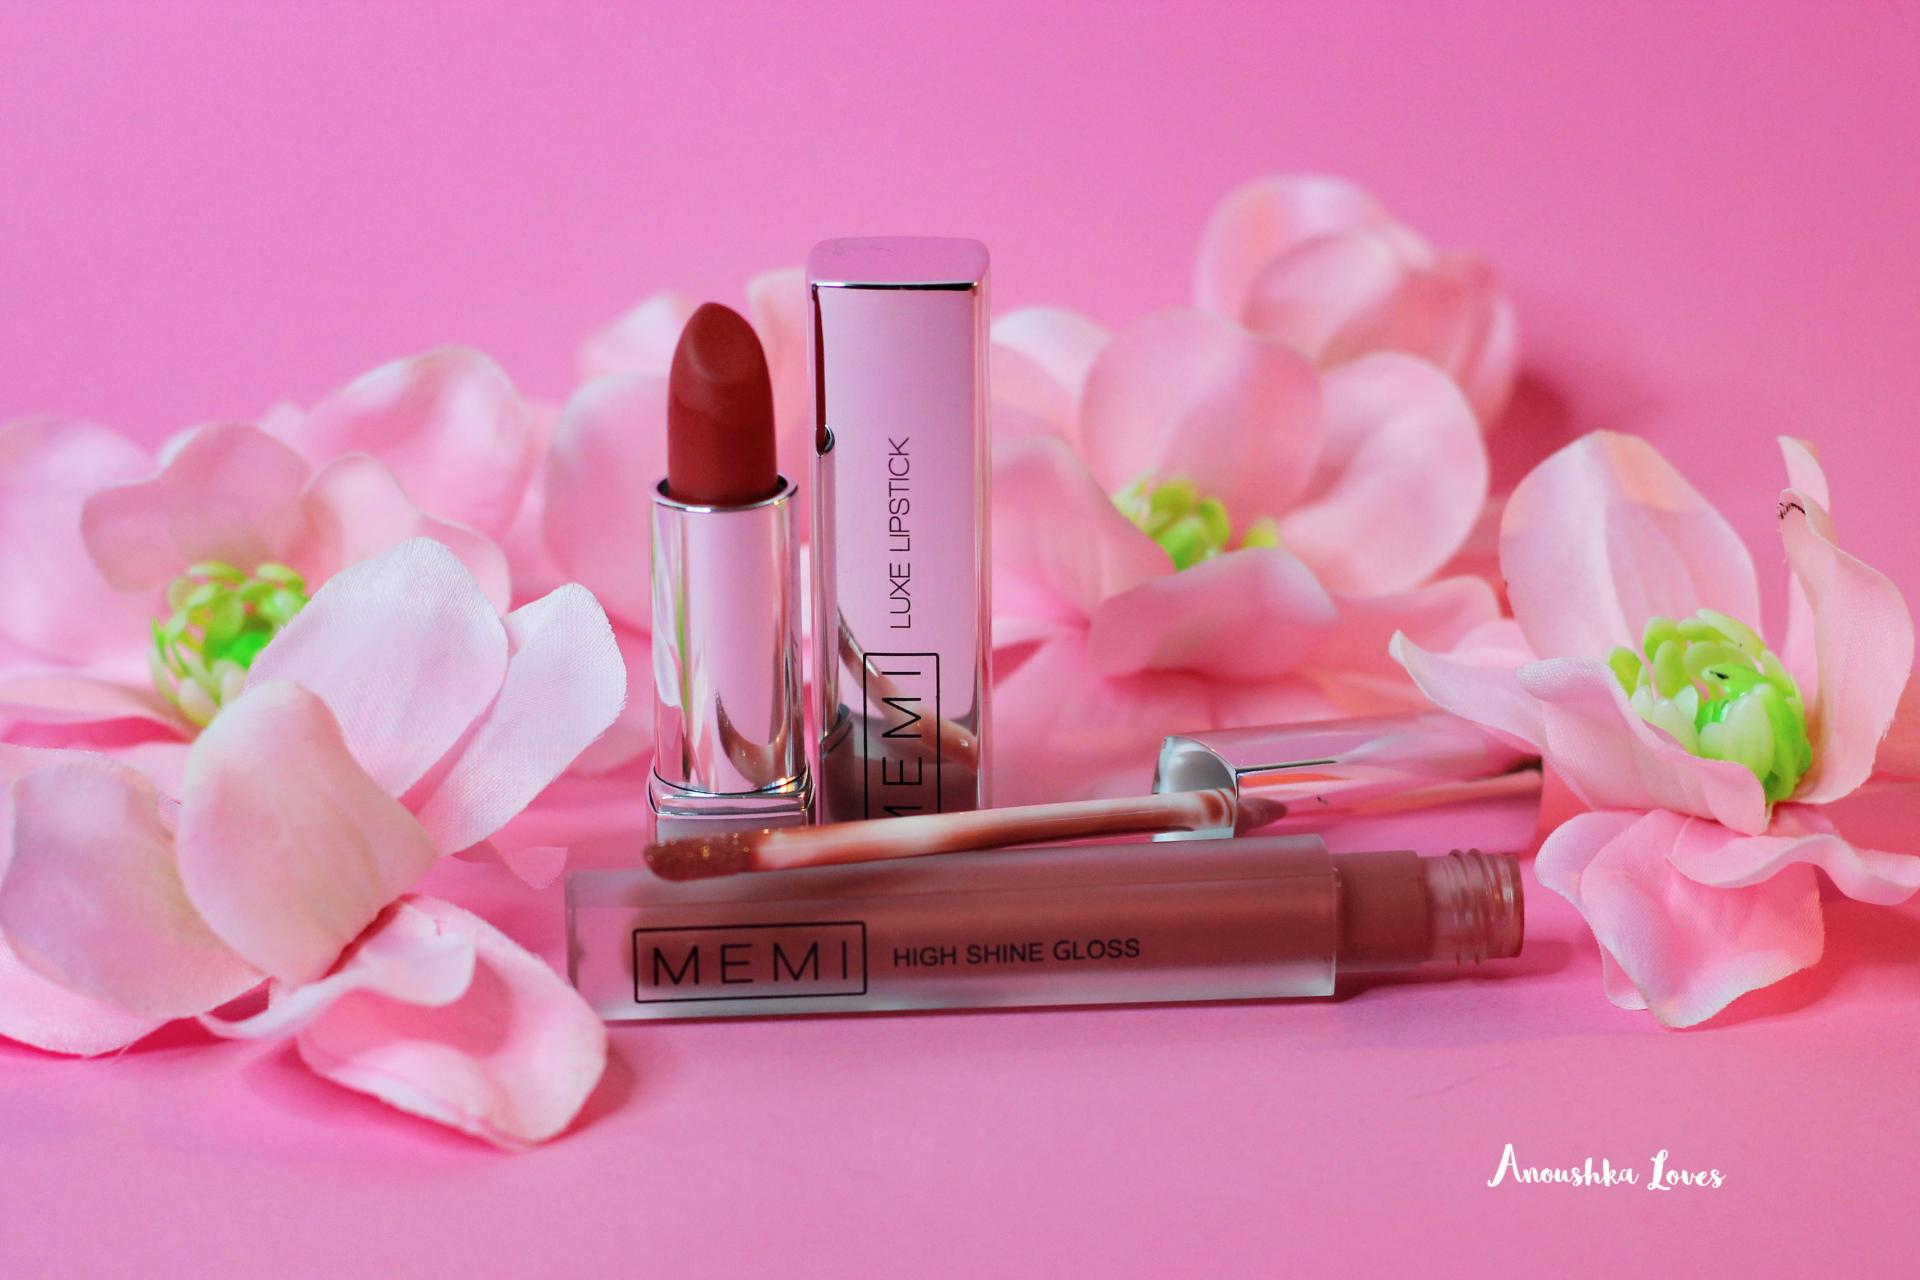 MEMI Makeup